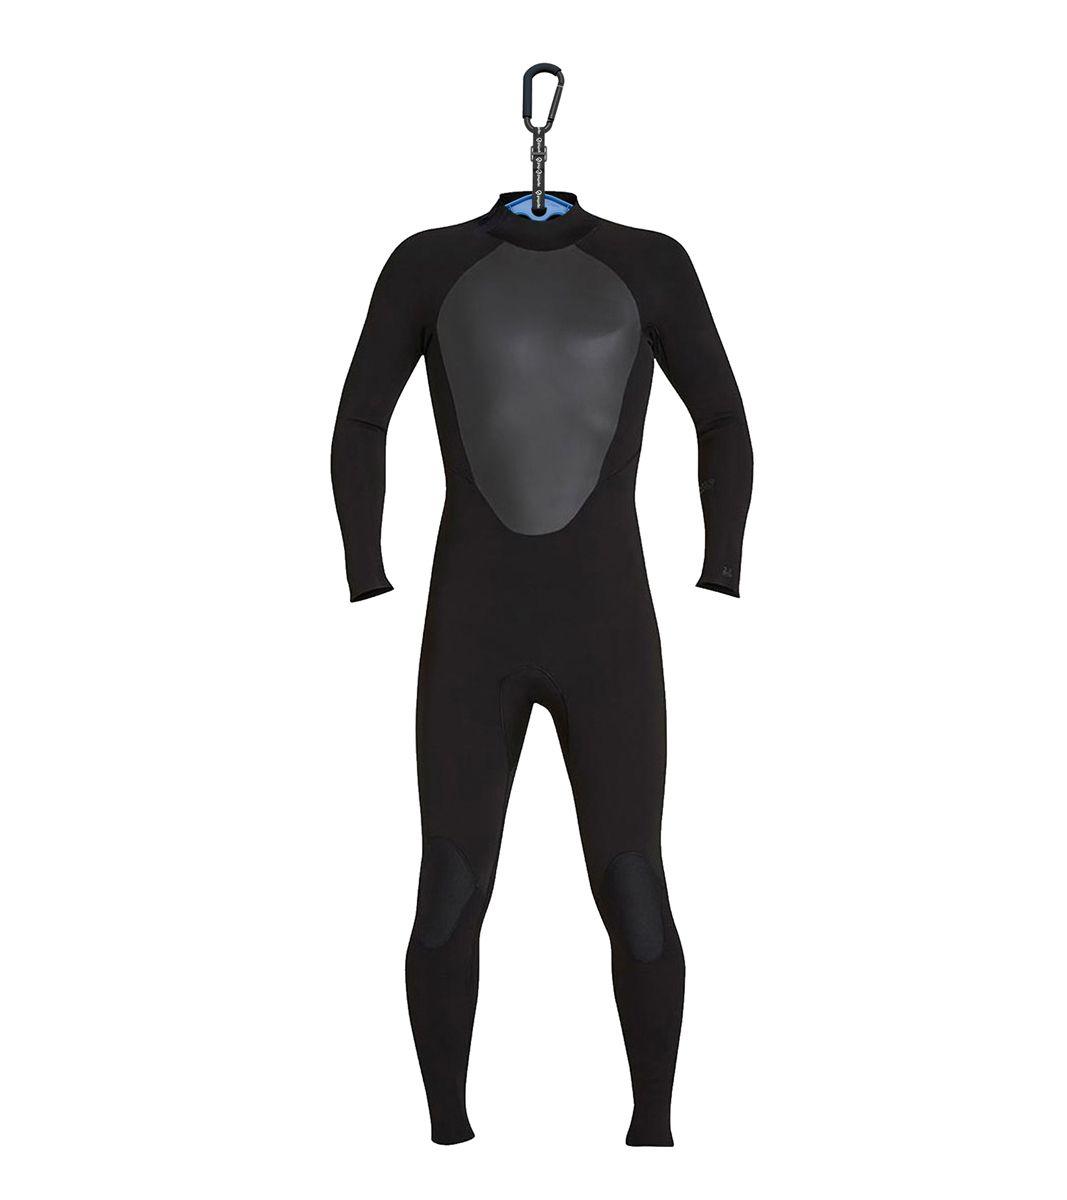 COLGADOR WETSUIT SURF LOGIC PRO